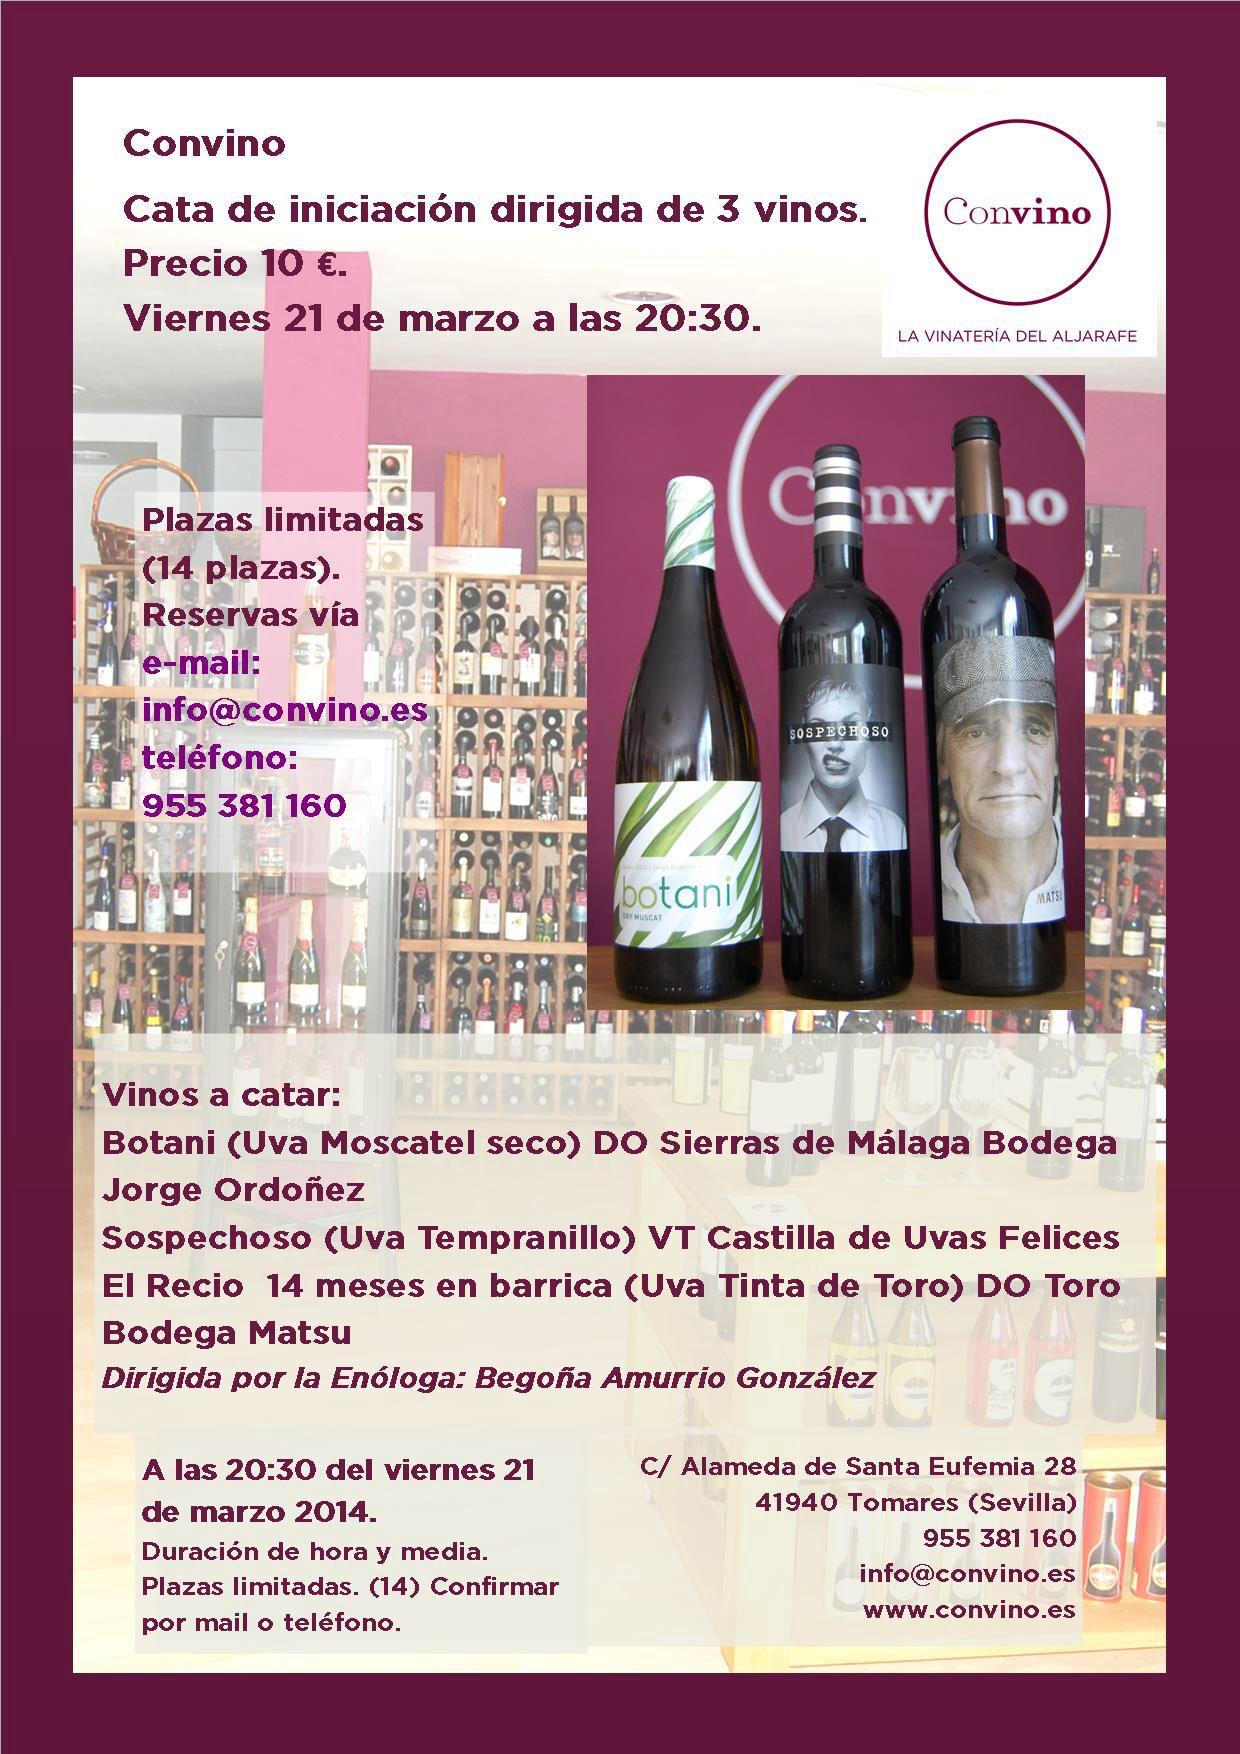 Estimados amigos de Convino, por petición popular vamos a realizar la próxima cata de vinos en viernes. Concretamente será el próximo viernes día 21 de marzo a las 20:30, y continuaremos con nuestro ciclo de catas de iniciación en grupos reducidos de 14 personas, dirigidas por la enóloga Begoña Amurrio. Se hará la cata de tres vinos españoles (un blanco de Málaga que os sorprenderá, un tinto de Castilla y un tinto con 14 meses de crianza de Toro) y tendrá un coste de 10 € por persona.